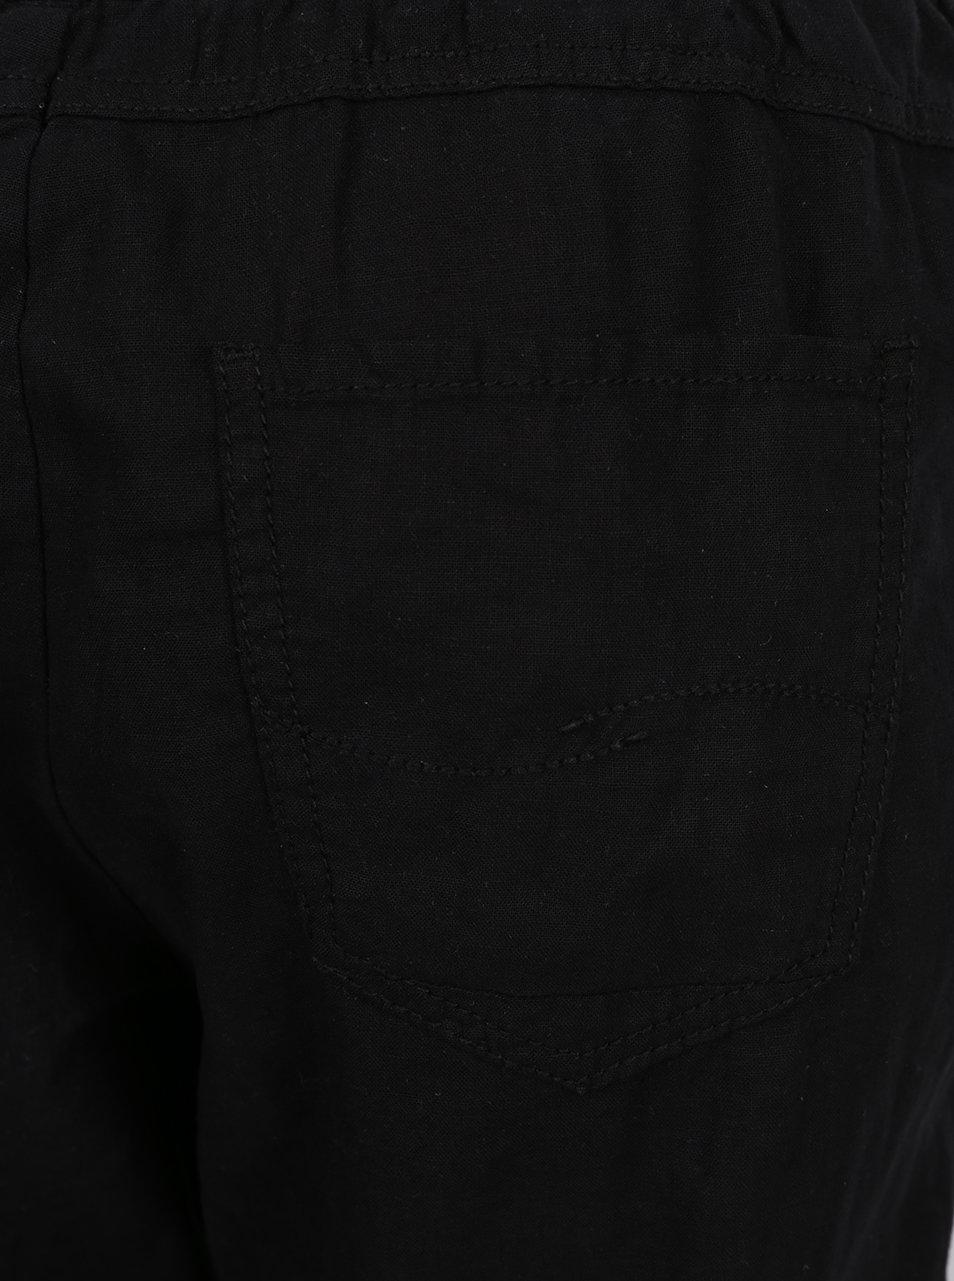 Čierne dámske voľné ľanové nohavice s pružným pásom QS by s.Oliver ... 6fac58bfedc